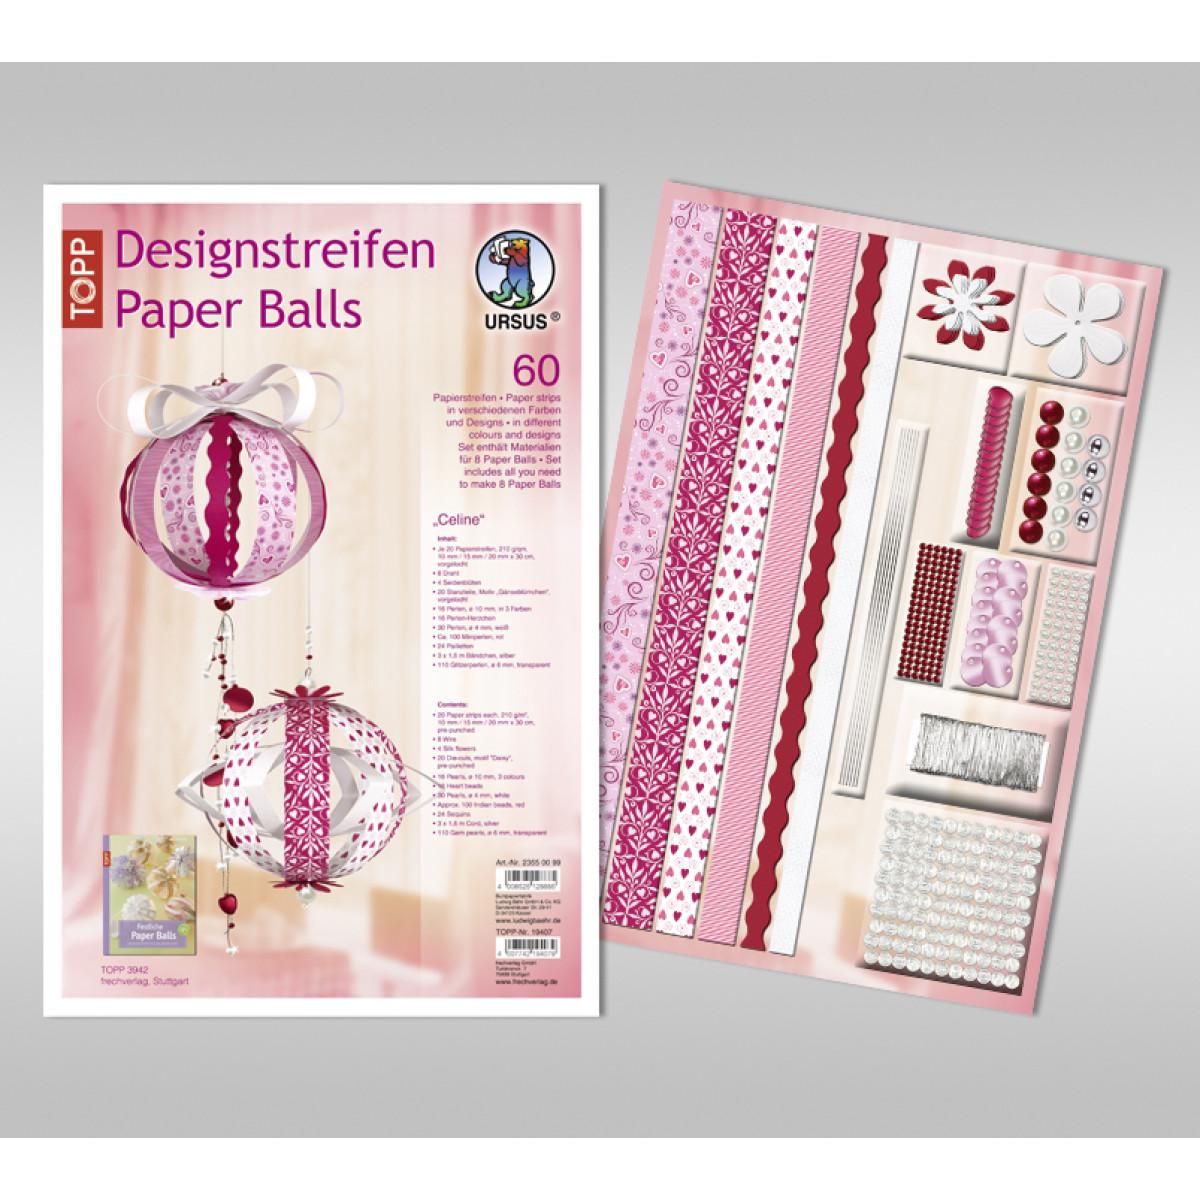 """Designstreifen Paper Balls """"Celine"""""""